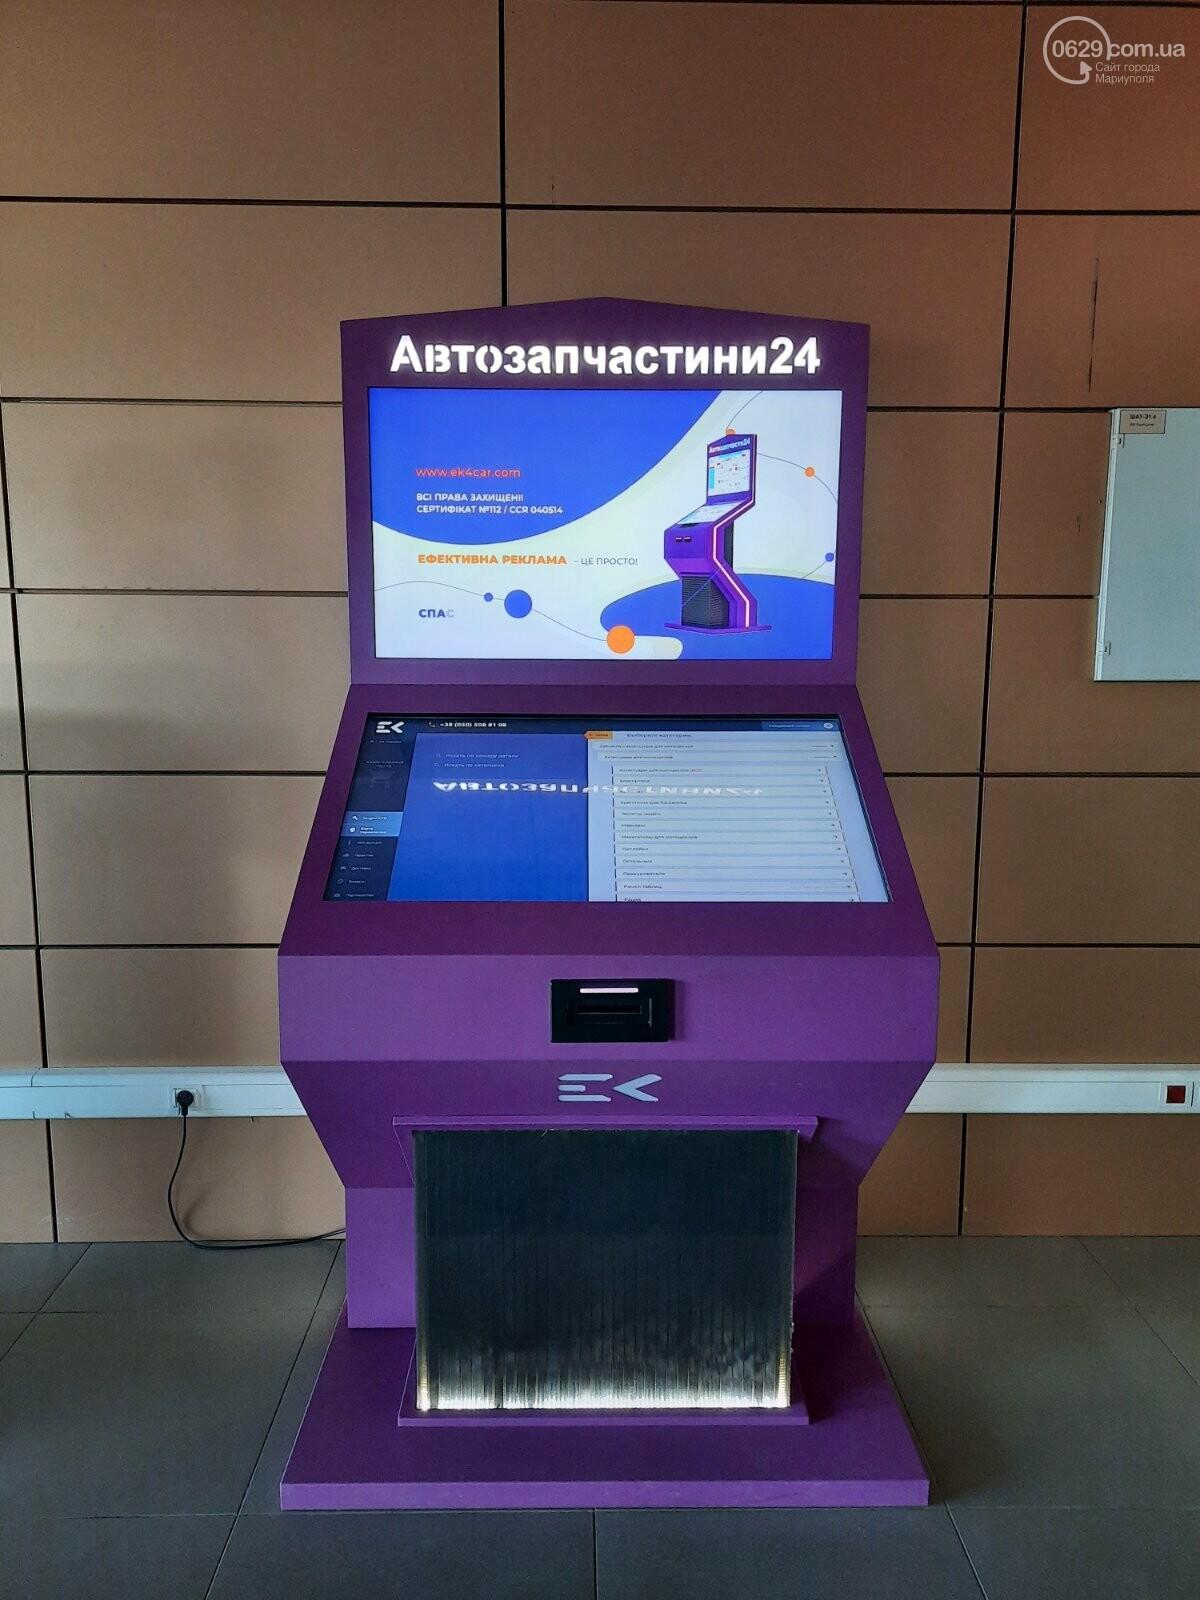 Вниманию автолюбителей! В Мариуполе появился терминал для покупки автозапчастей., фото-1